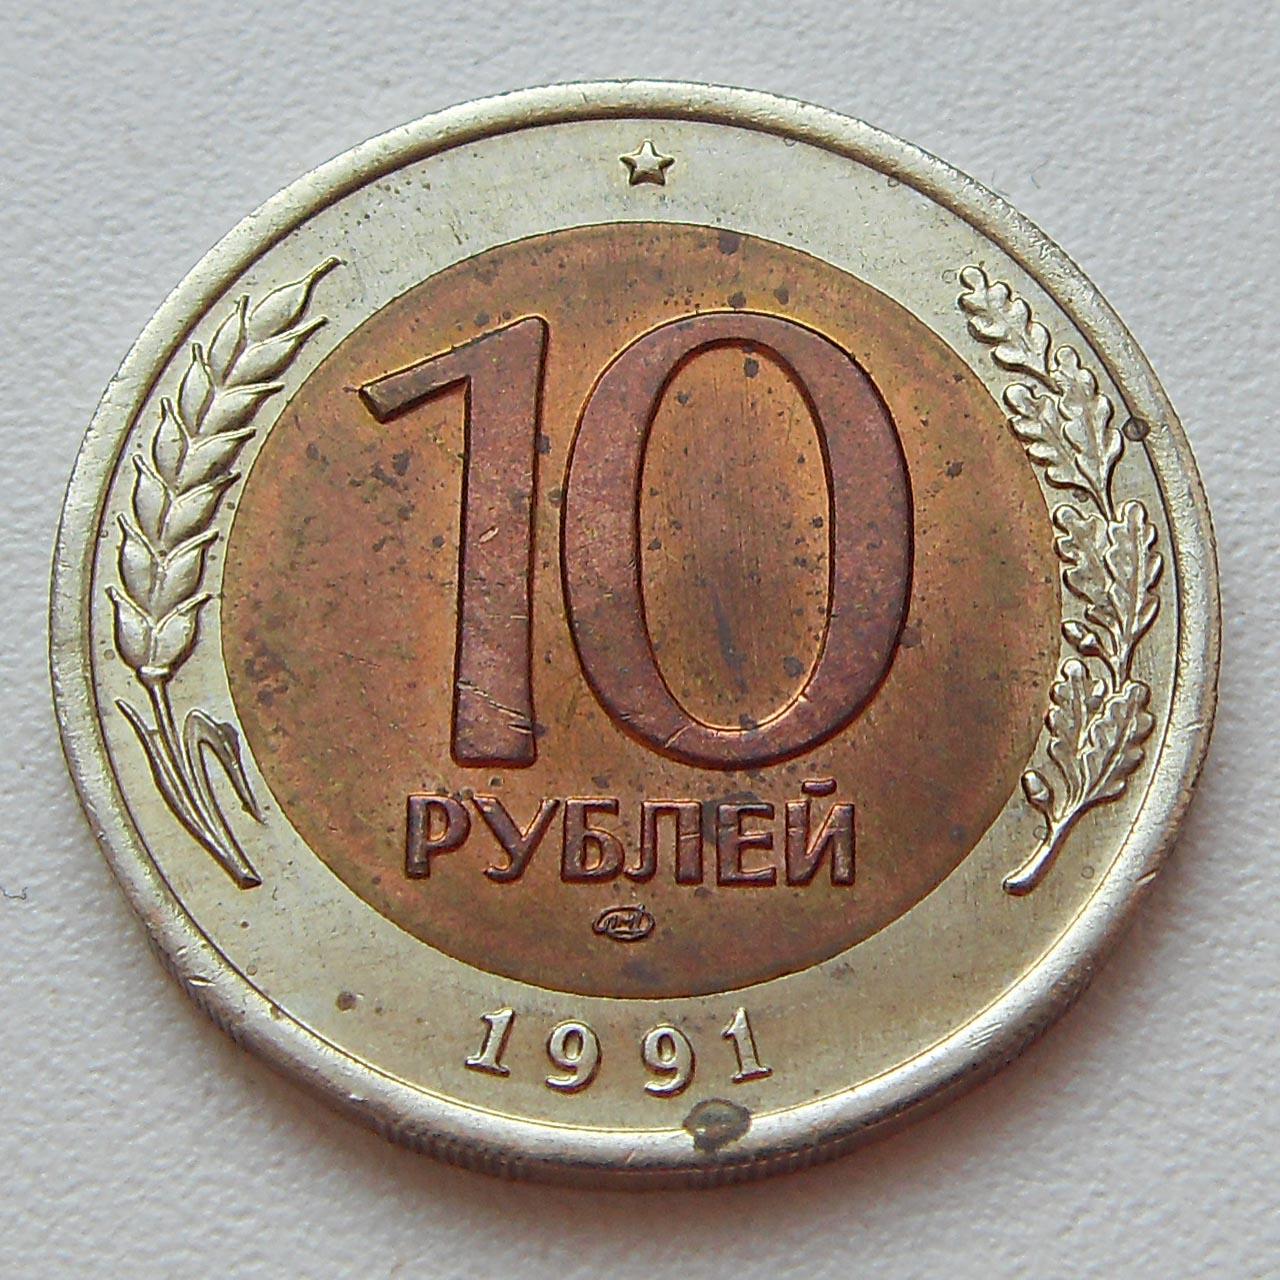 Редкие монеты гкчп 1991 1993 года видео раскопок второй мировой войны